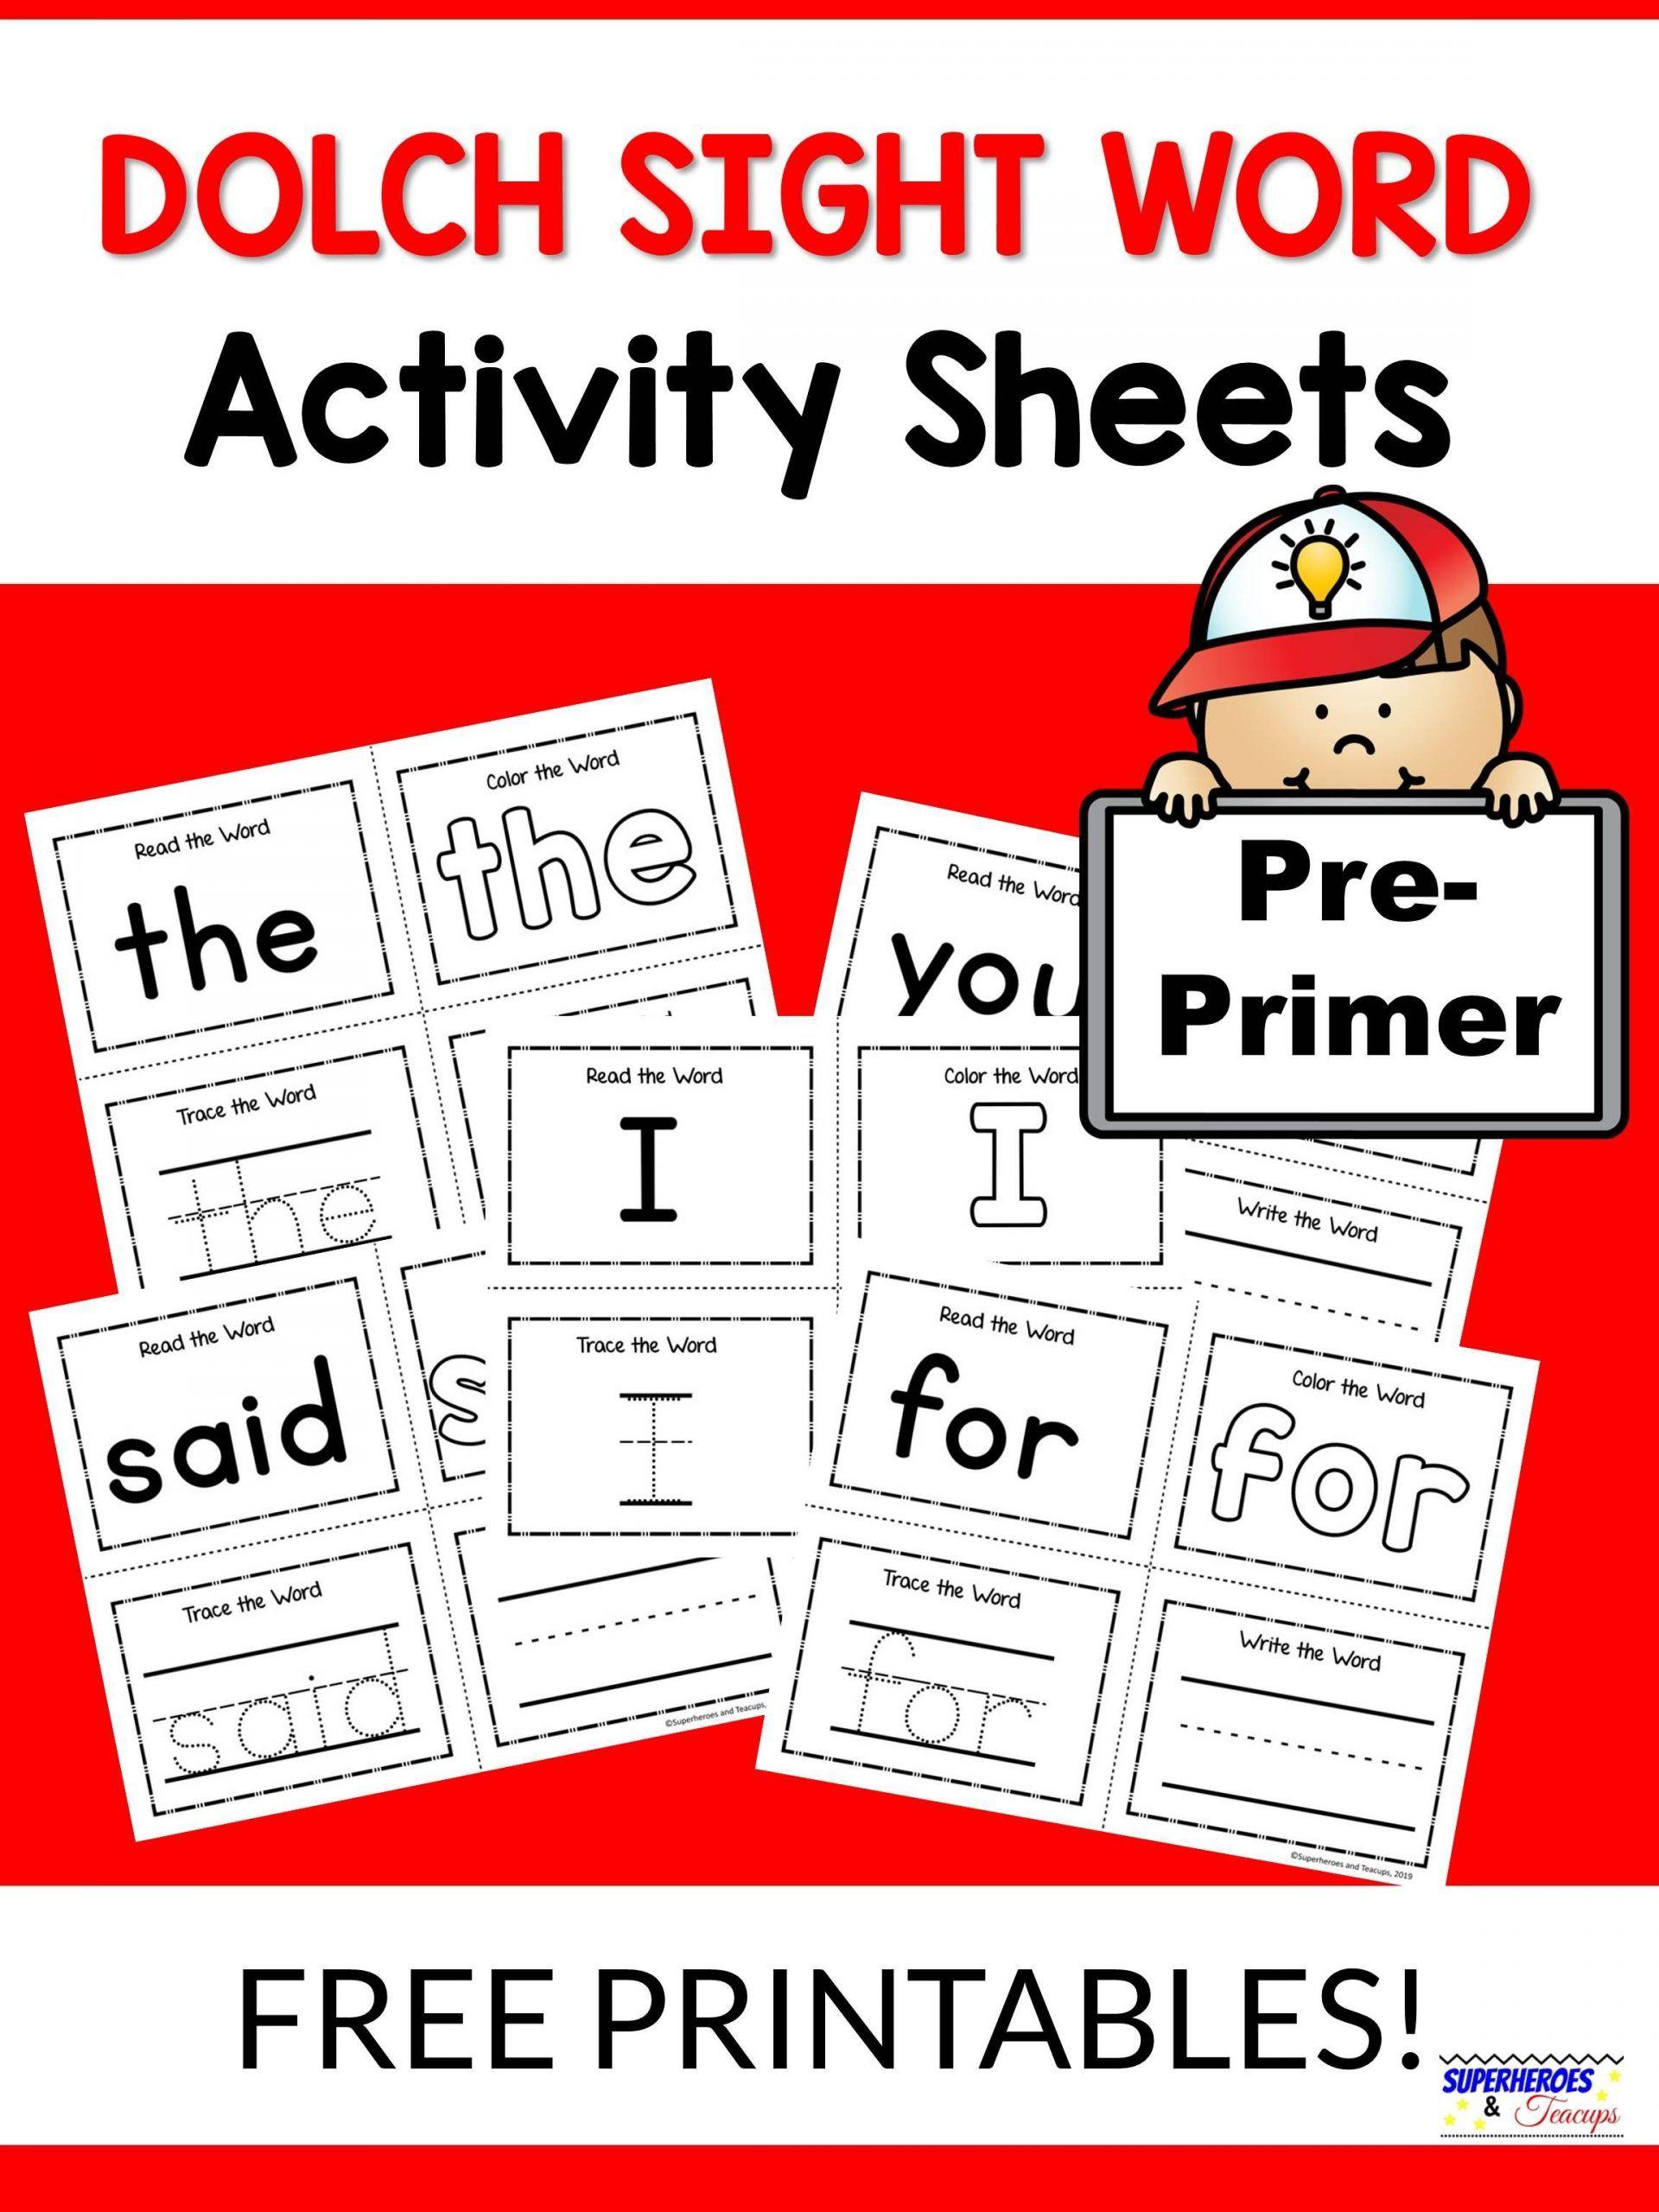 Pre Primer Dolch Sight Word Aktivitatsblatter